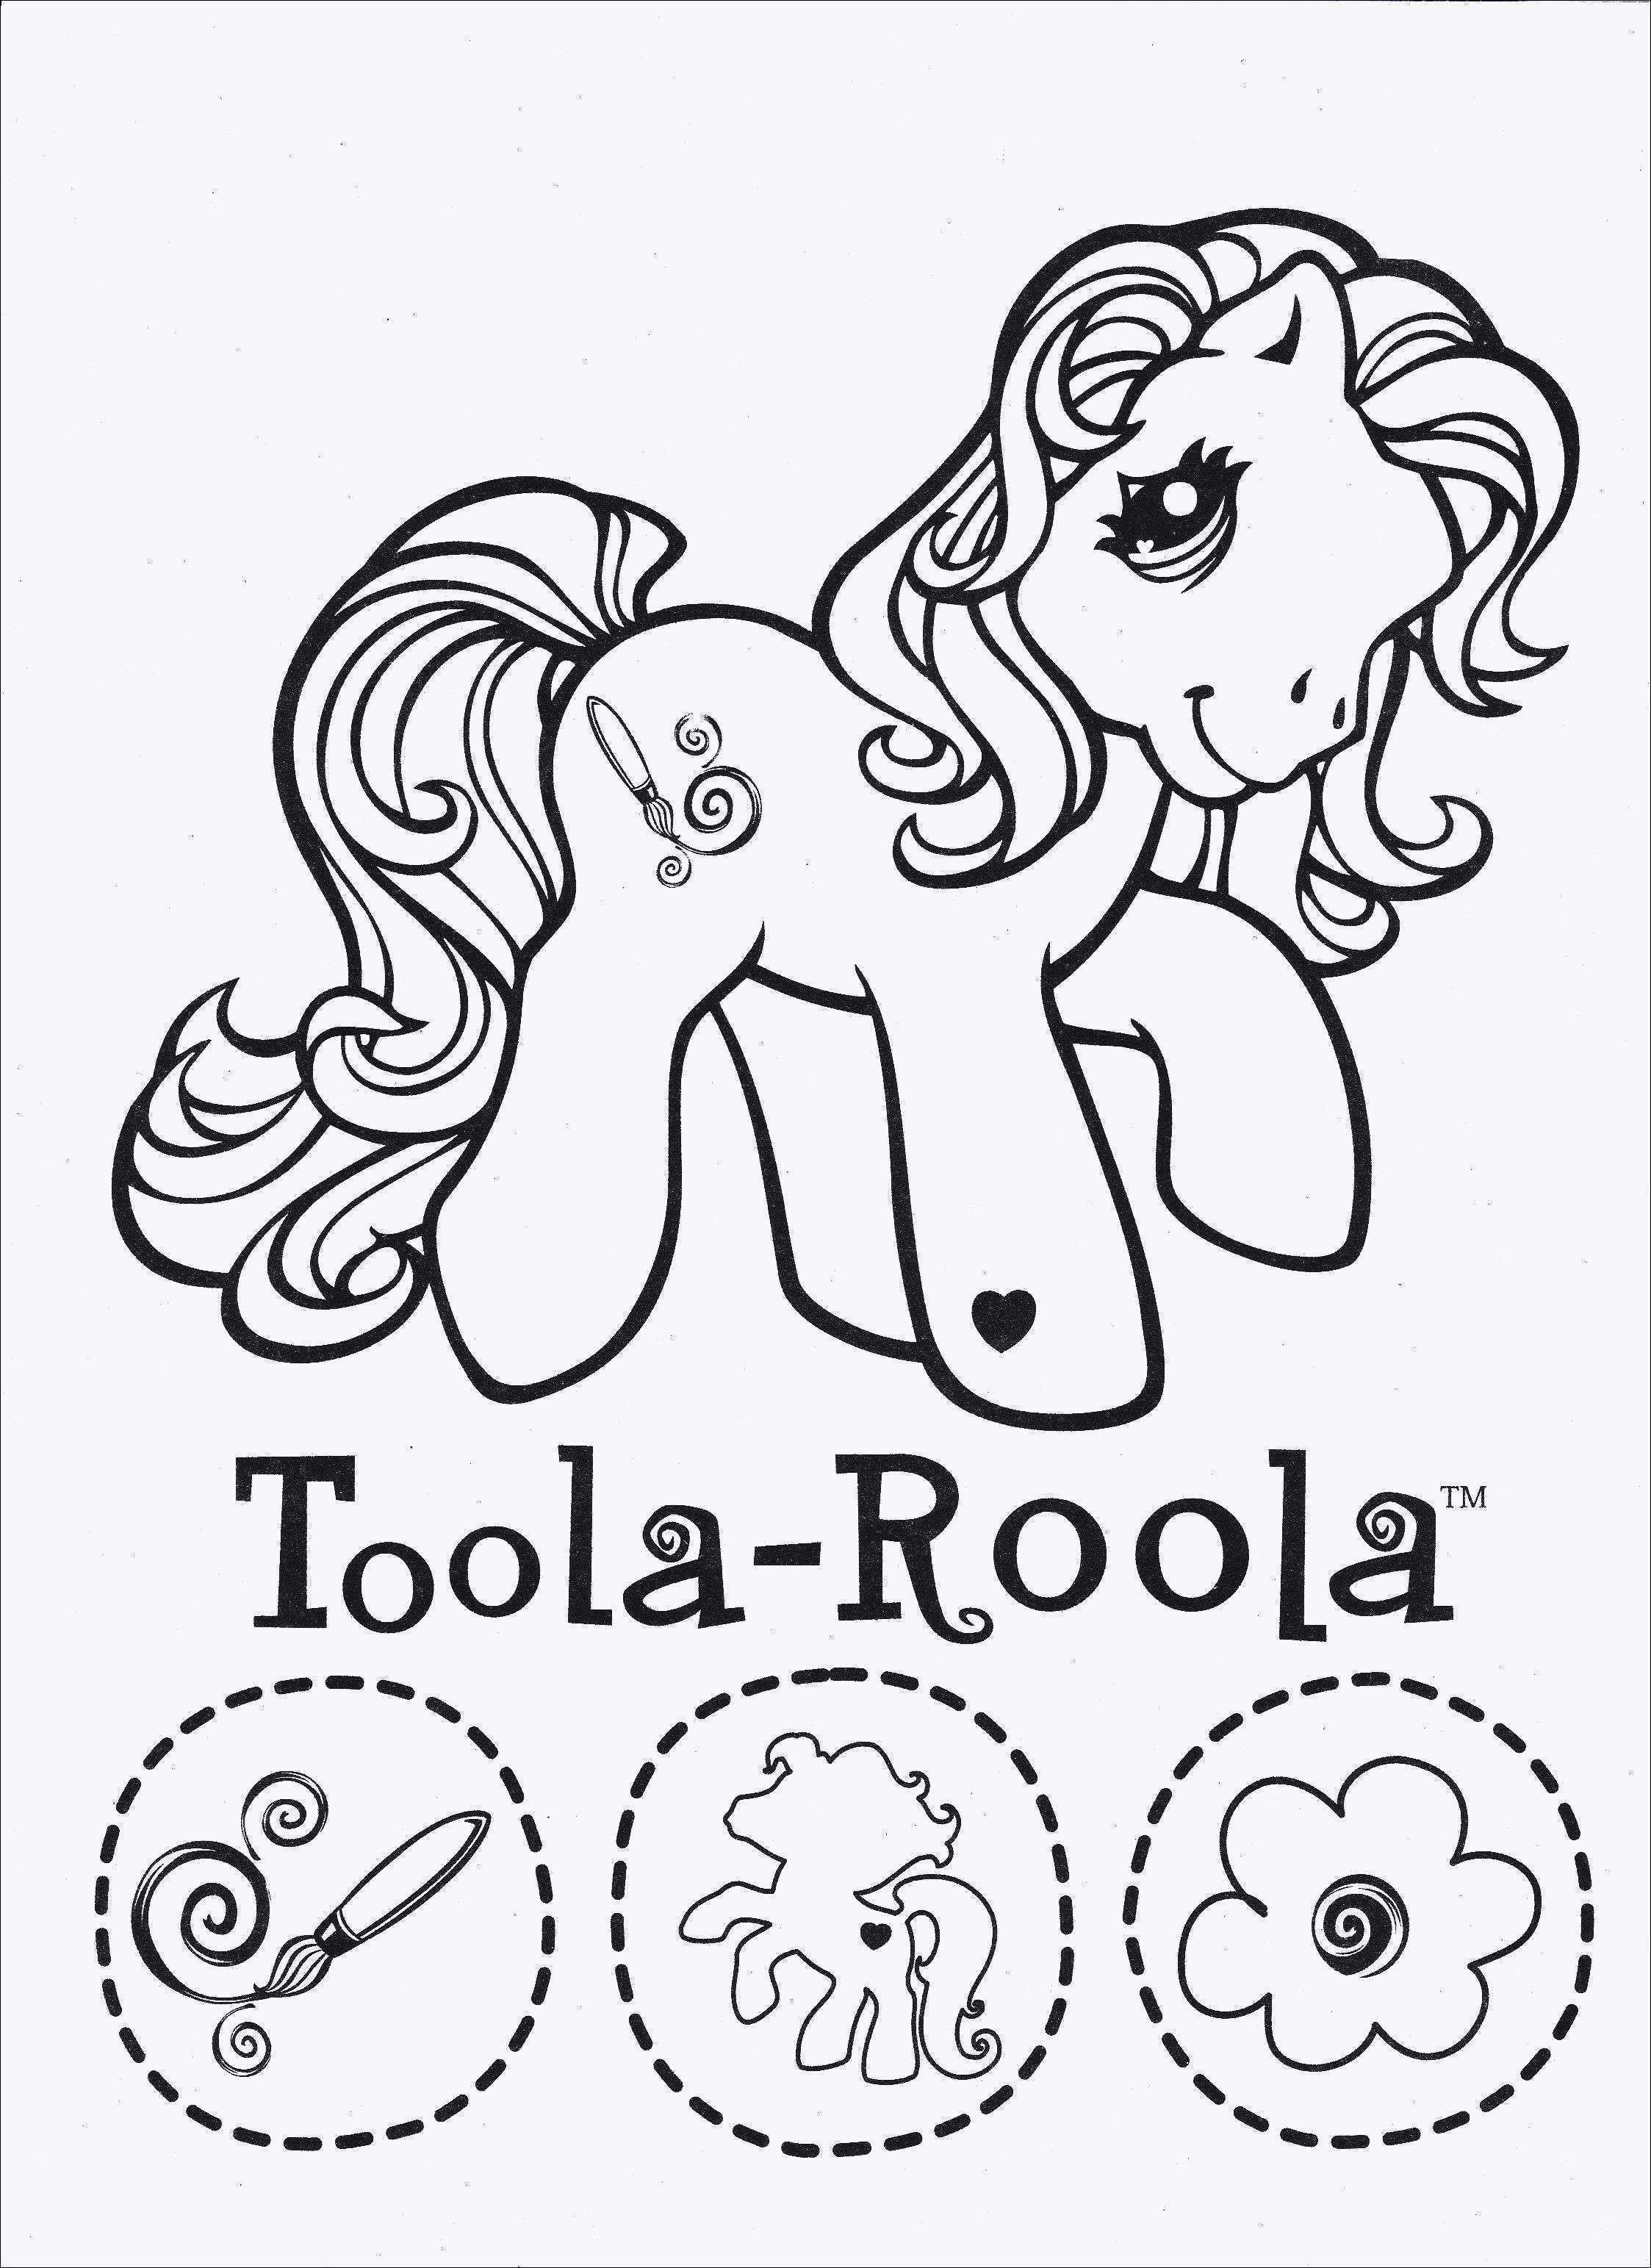 Ausmalbilder Little Pony Inspirierend My Little Pony Ausmalbilder Bildnis 38 Ausmalbilder Little Pony Galerie